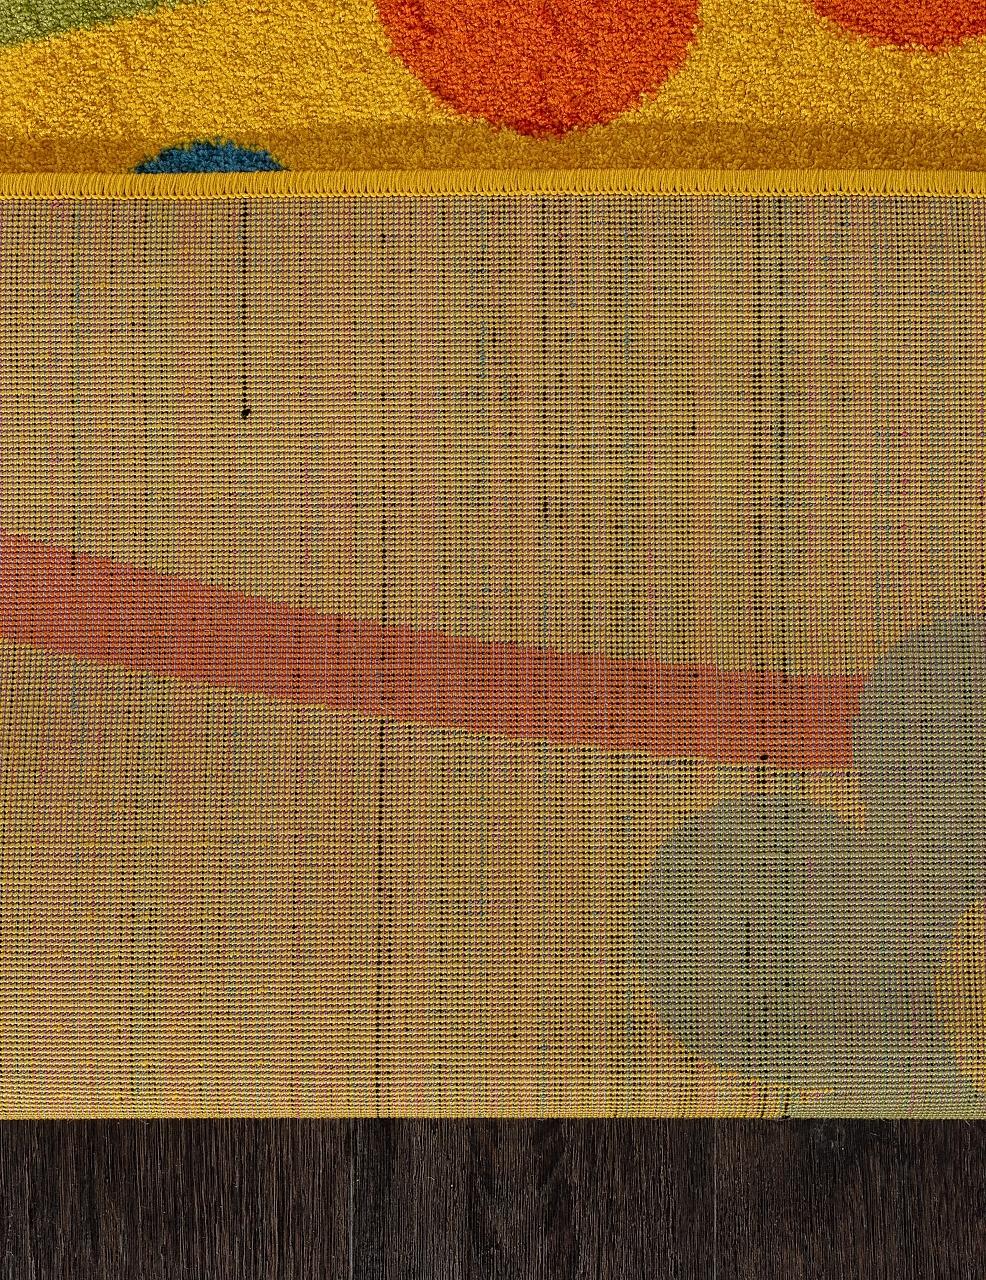 Ковер 1021 - YELLOW - Прямоугольник - коллекция CRYSTAL - фото 5